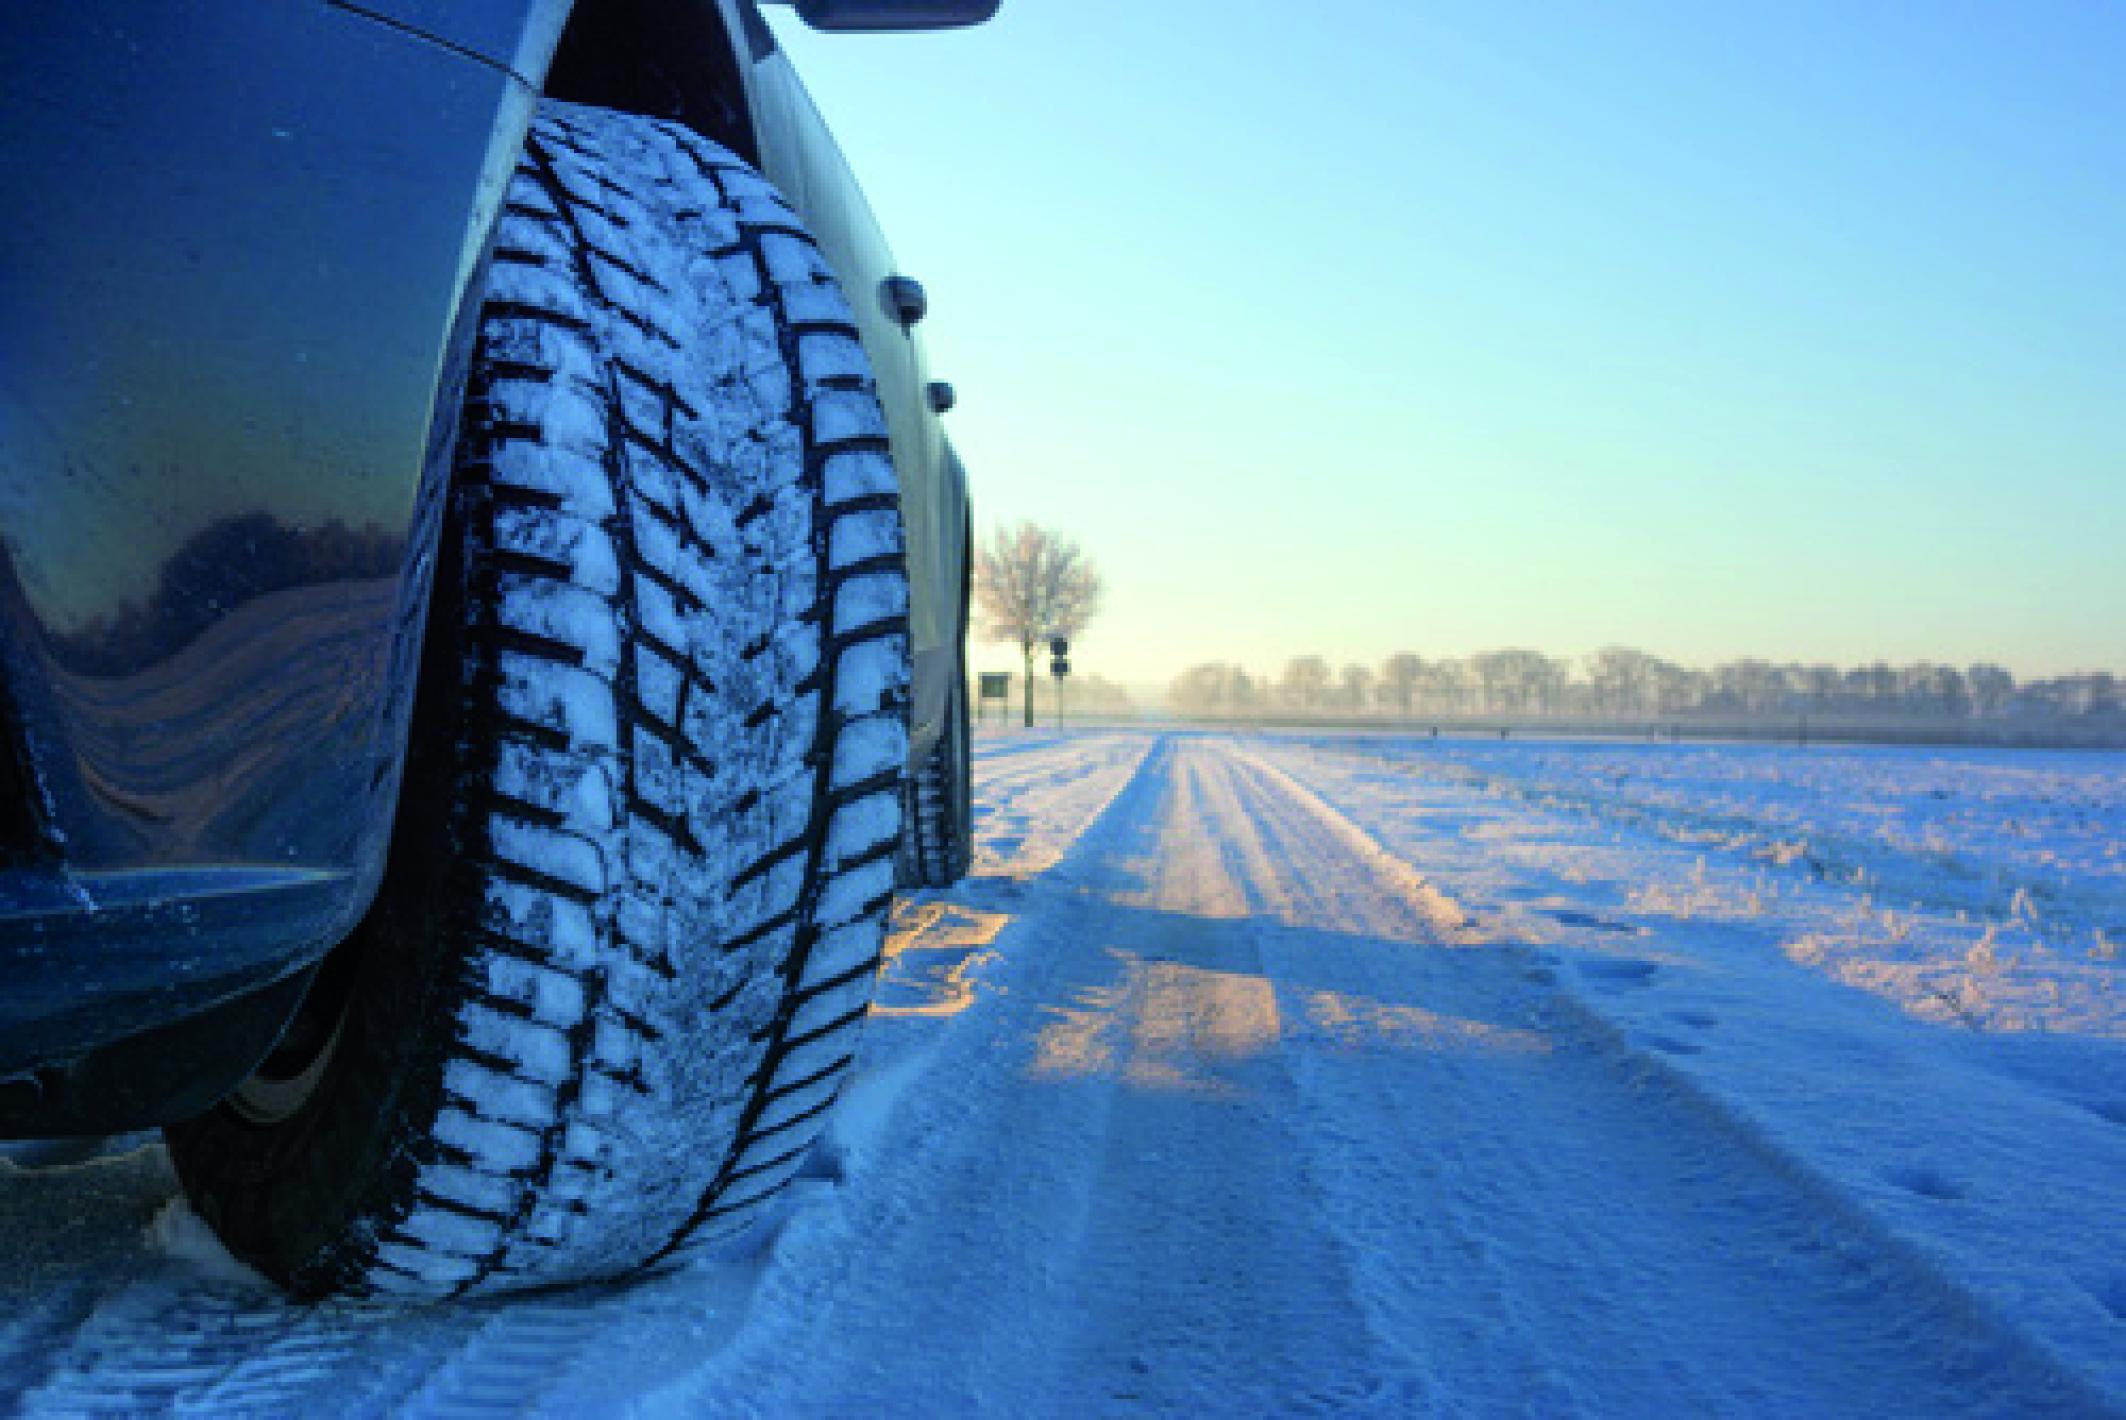 Nahaufnahme- Profil eines Winterreifen auf schnee- und eisbedeckter Fahrbahn